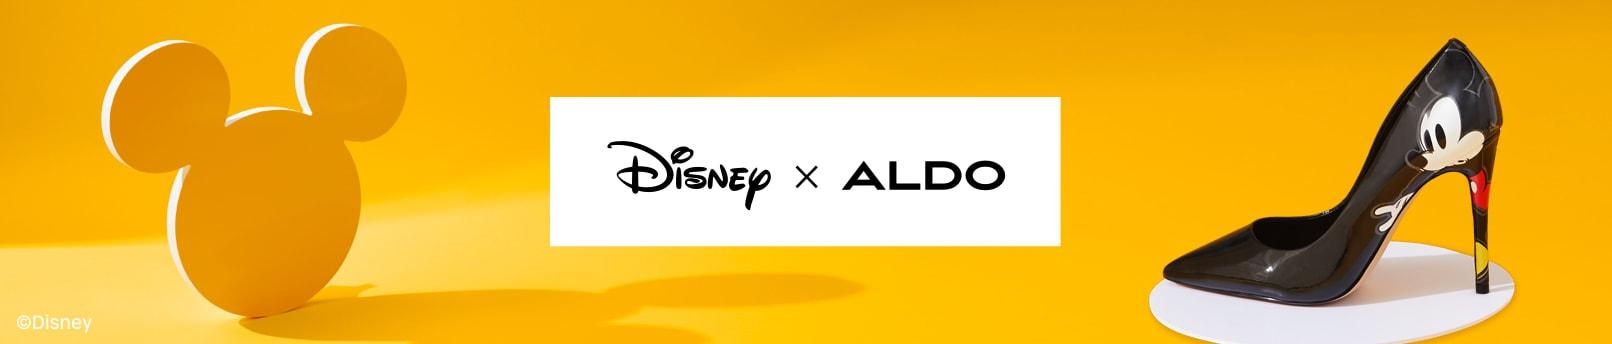 Disney x Aldo